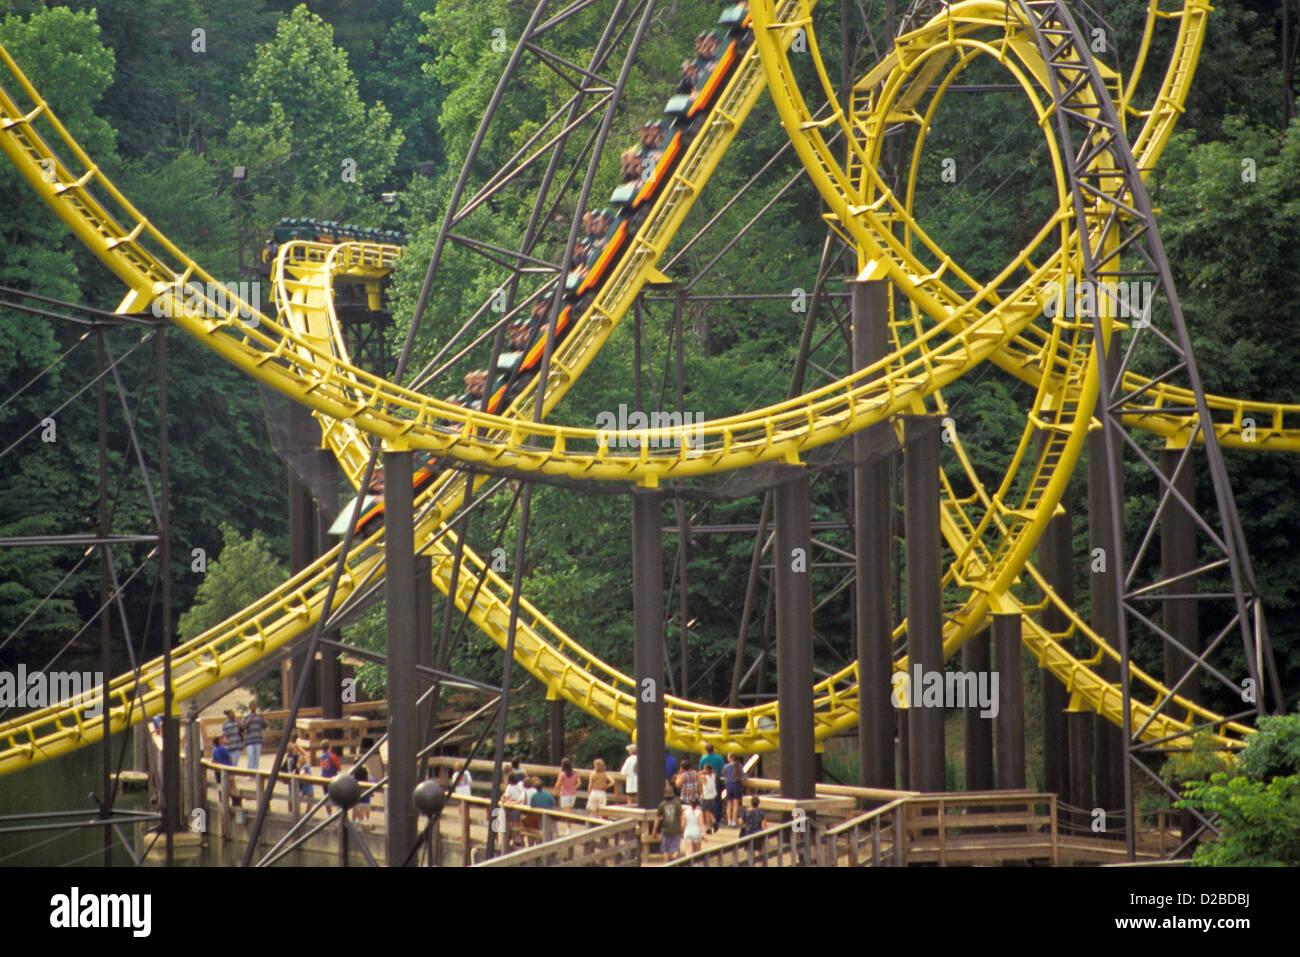 Virginia, Busch Gardens. Multi Loop Roller Coaster